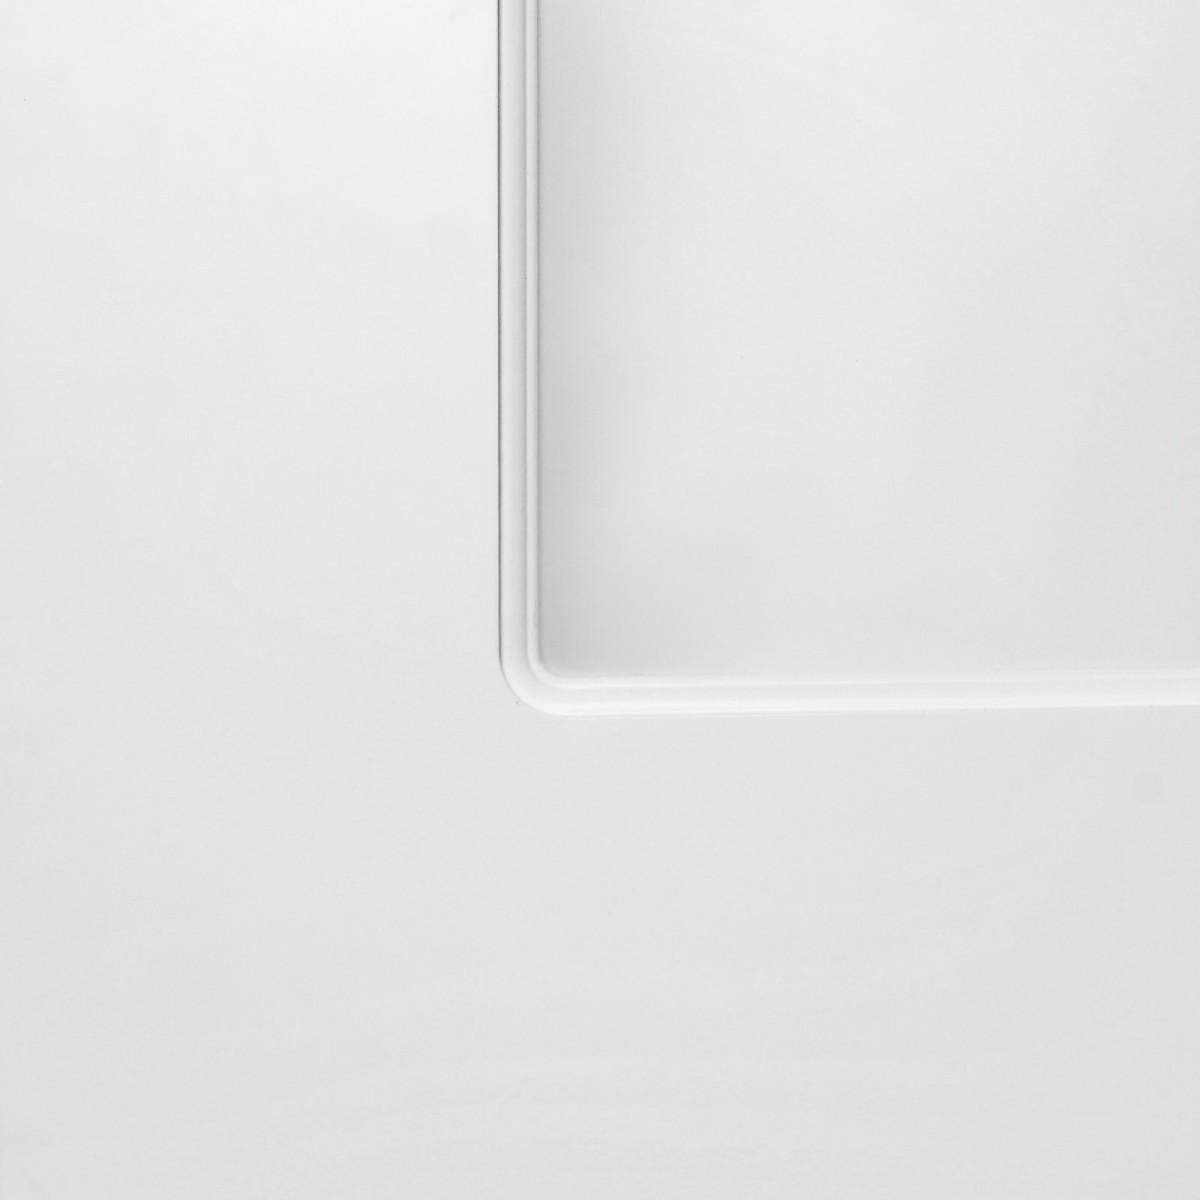 Дверь Межкомнатная Остеклённая Австралия 200x70 Эмаль Цвет Белый С Фурнитурой